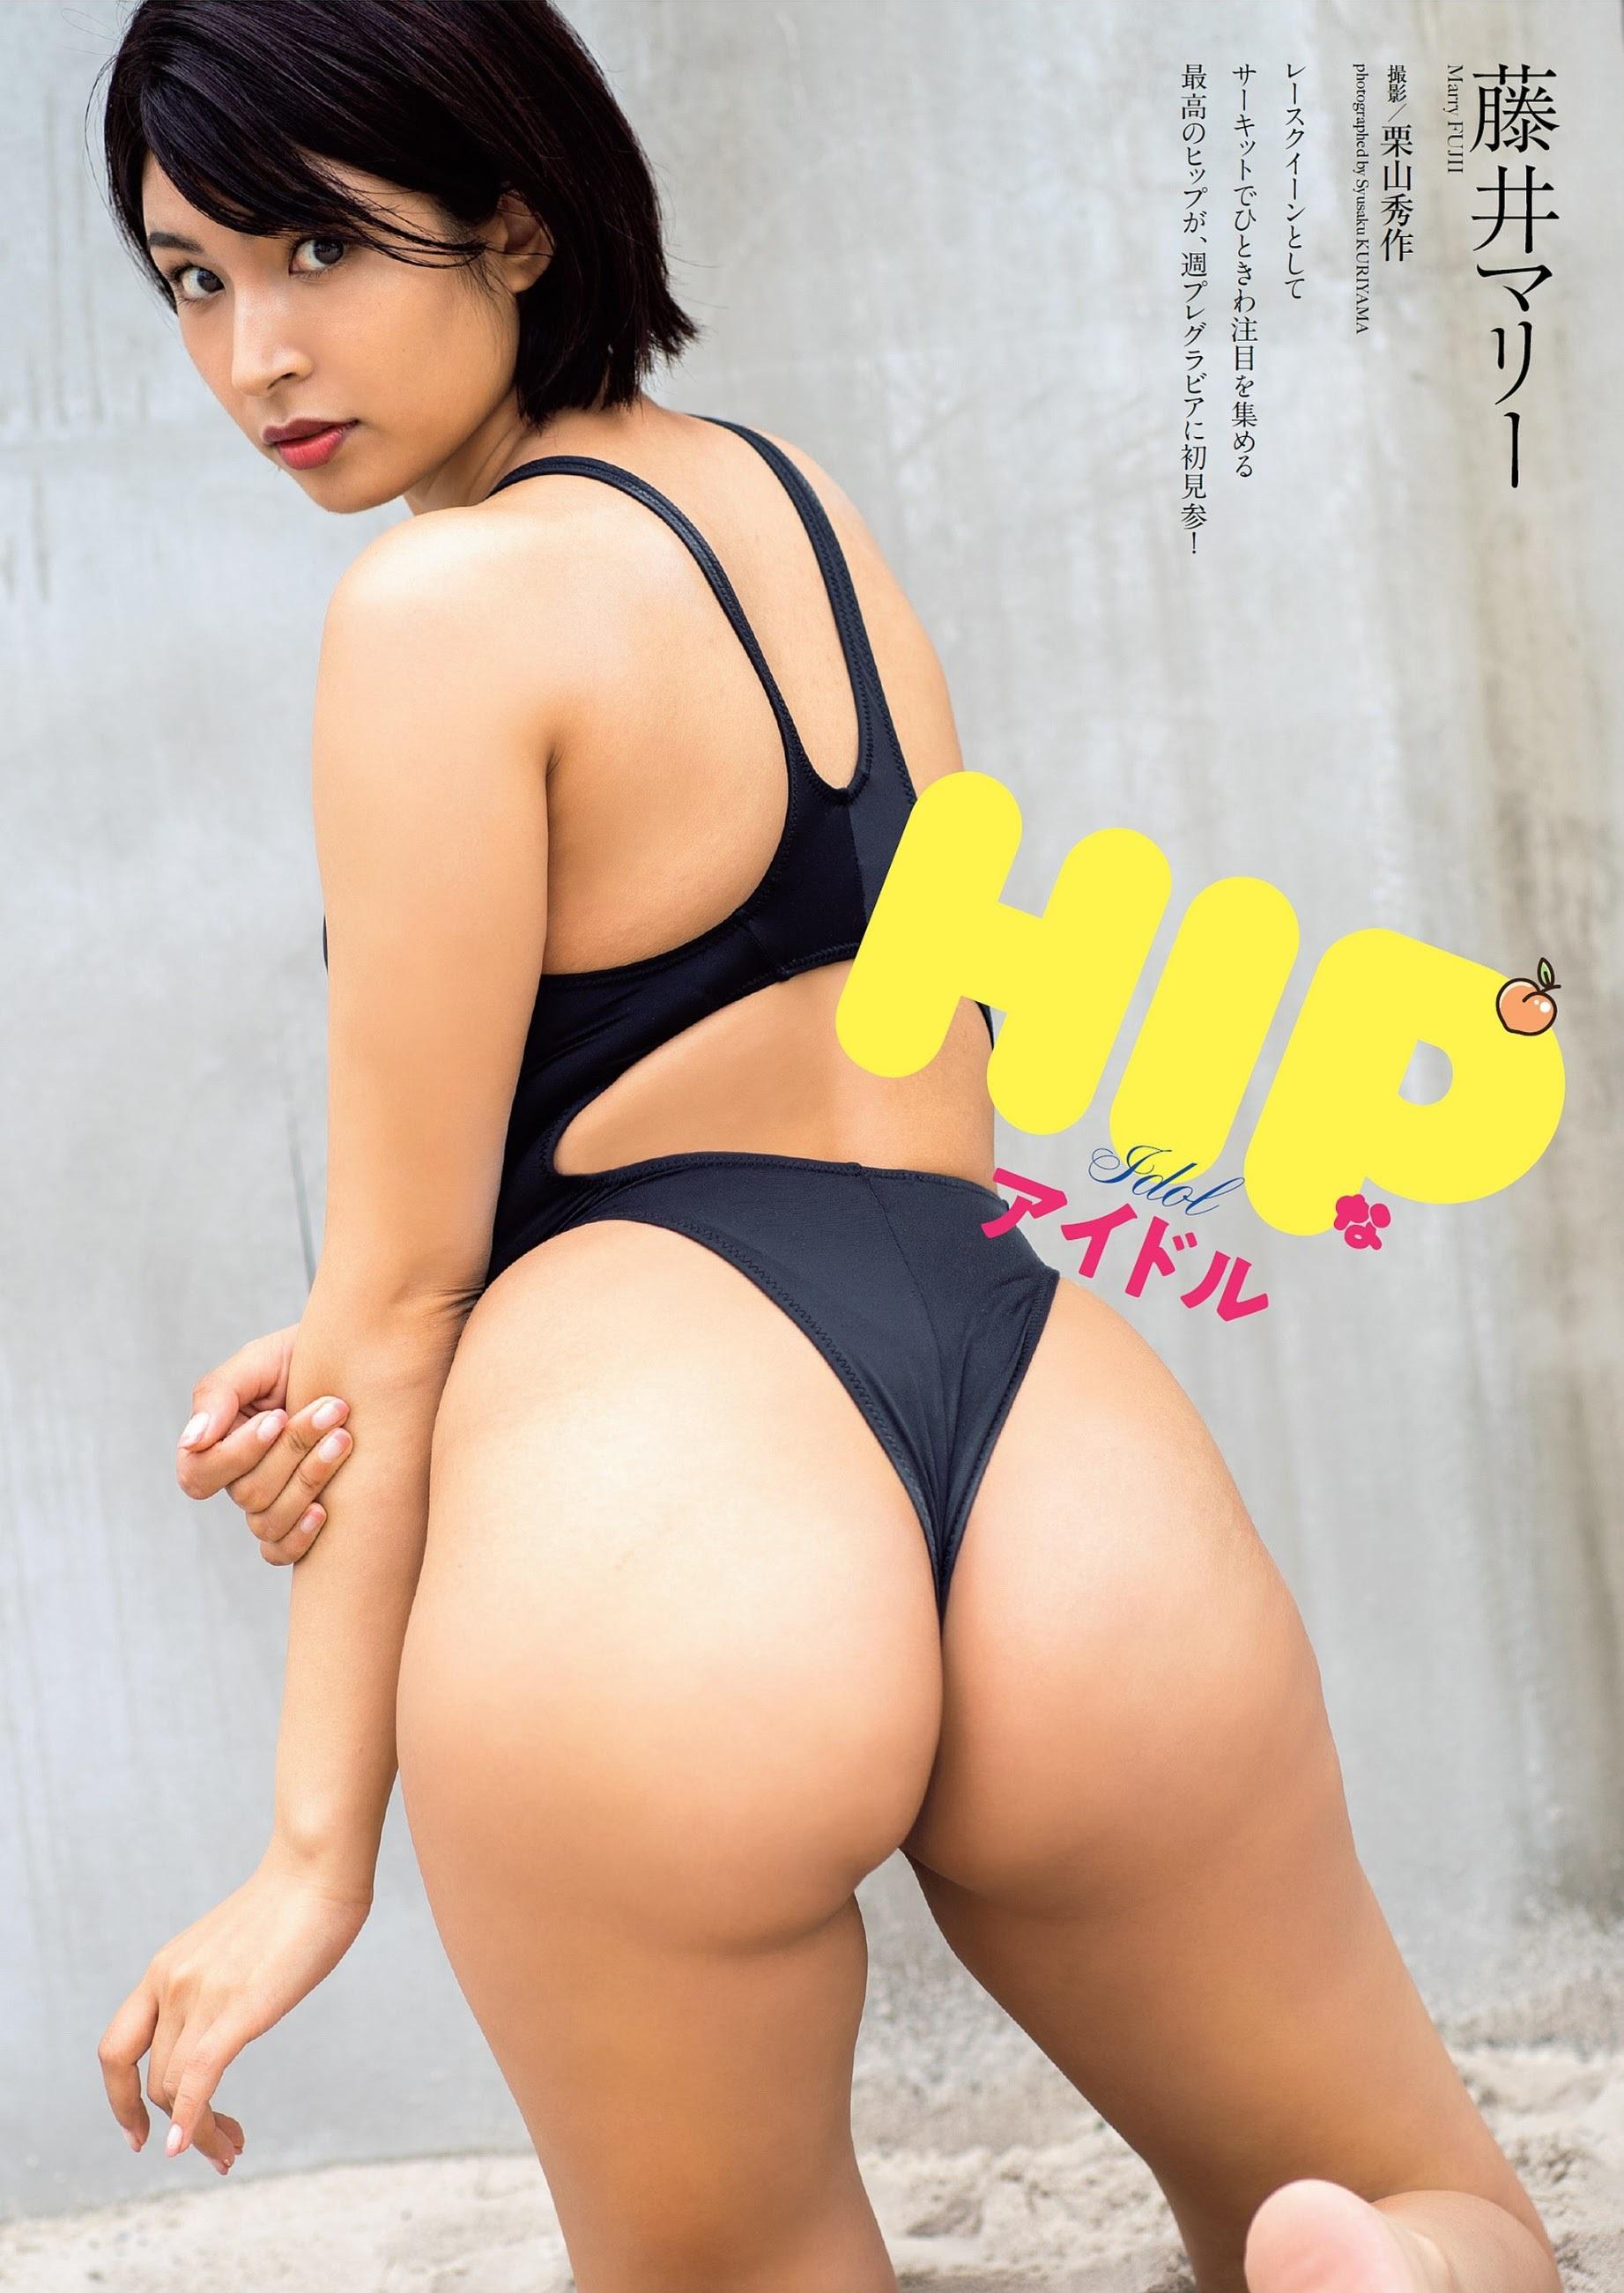 藤井マリー1